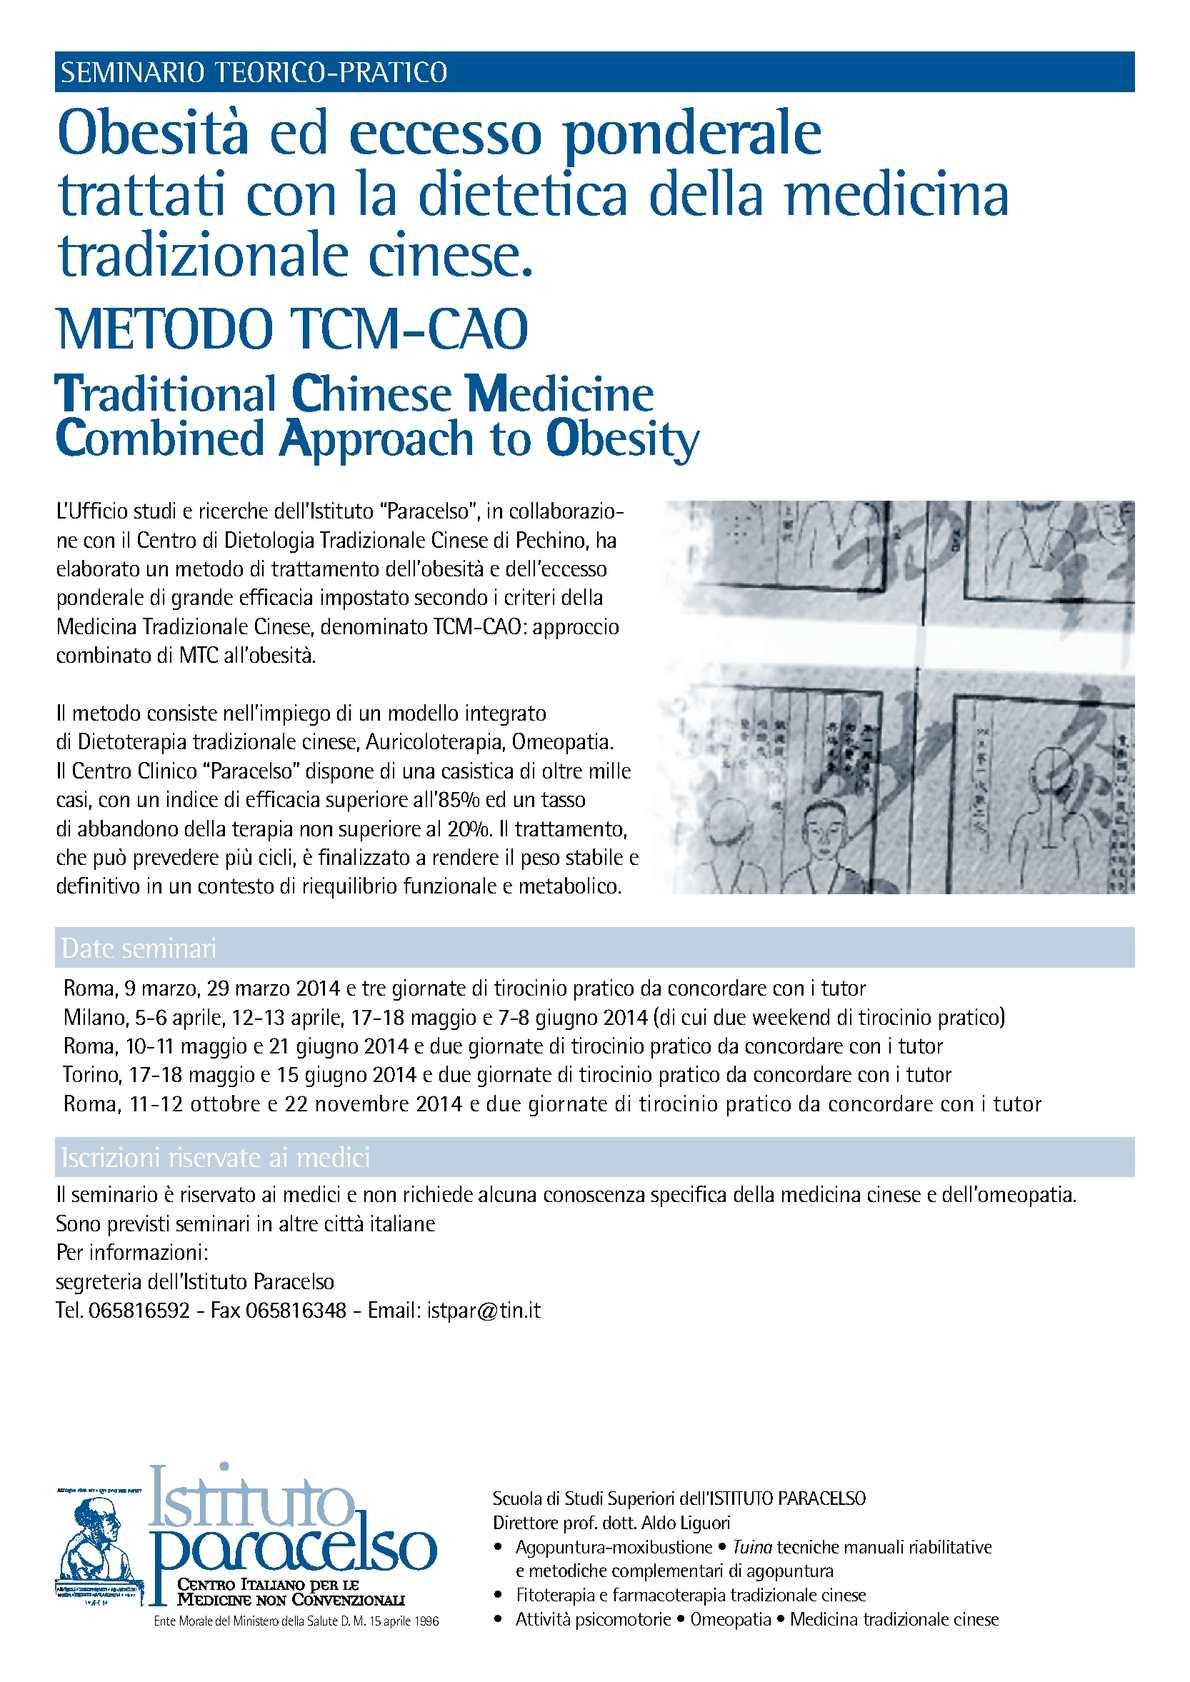 protocolli di auricoloterapia per la perdita di peso